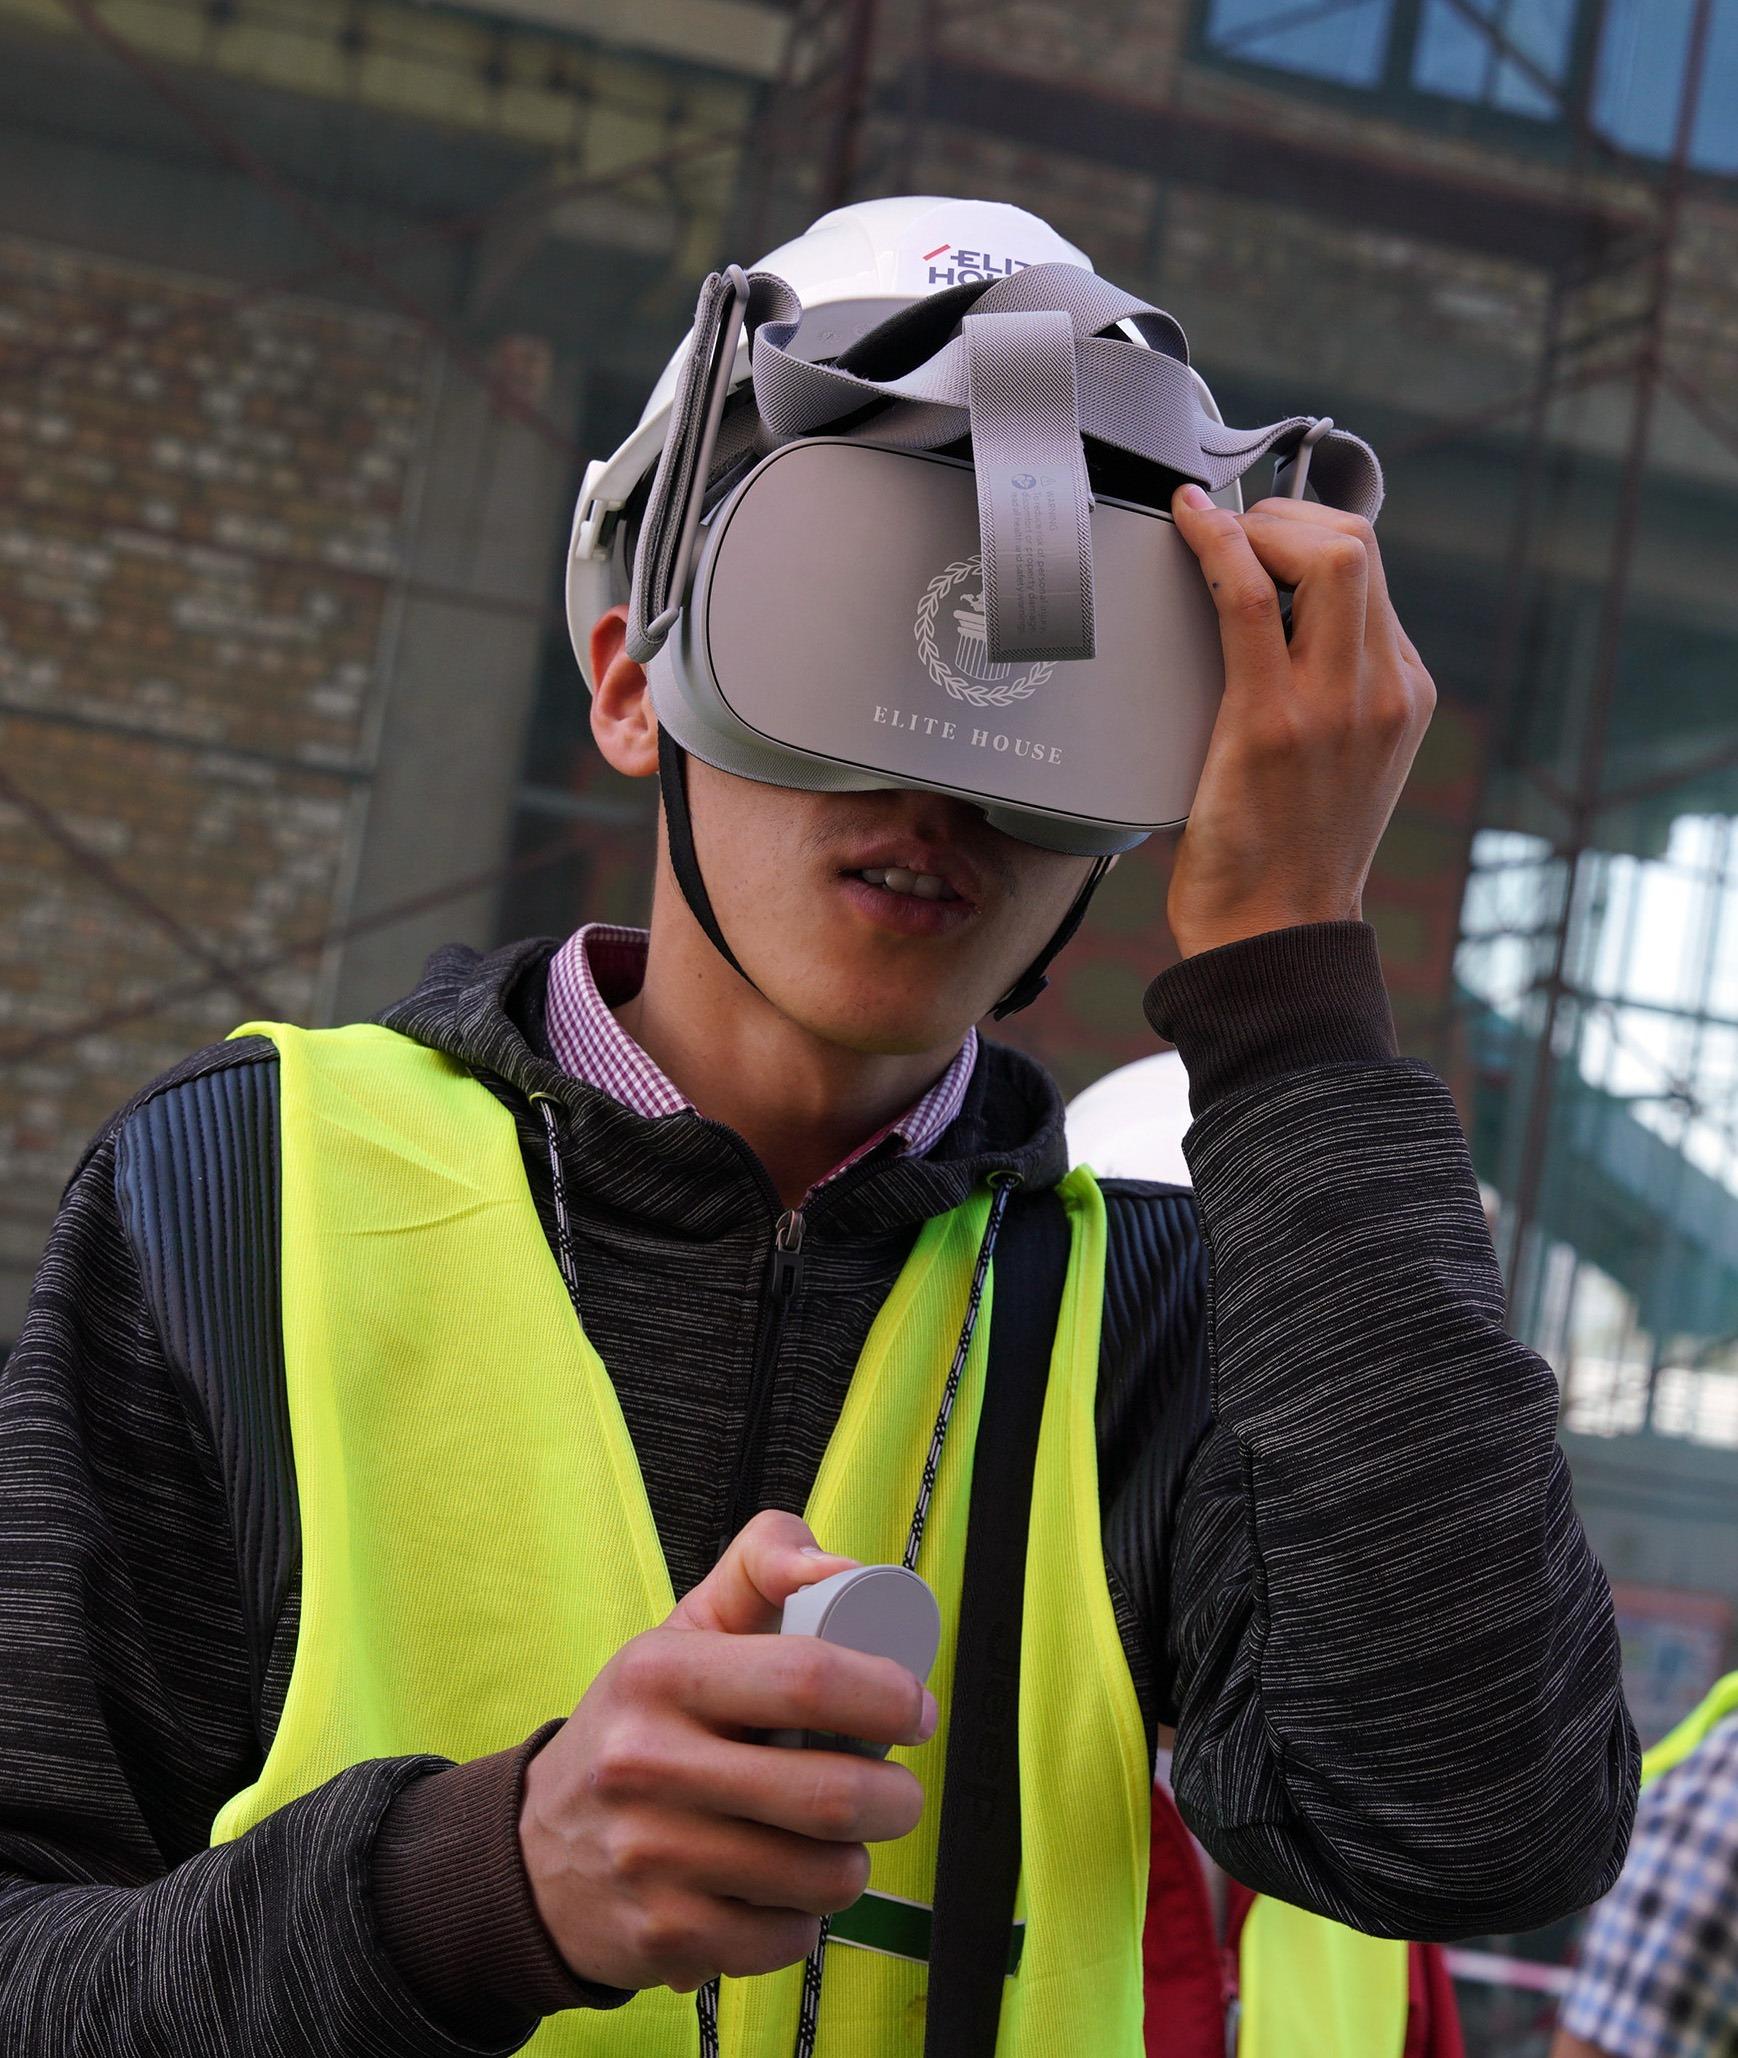 Виртуальная реальность хороша! Впрочем, как и увиденное наяву…